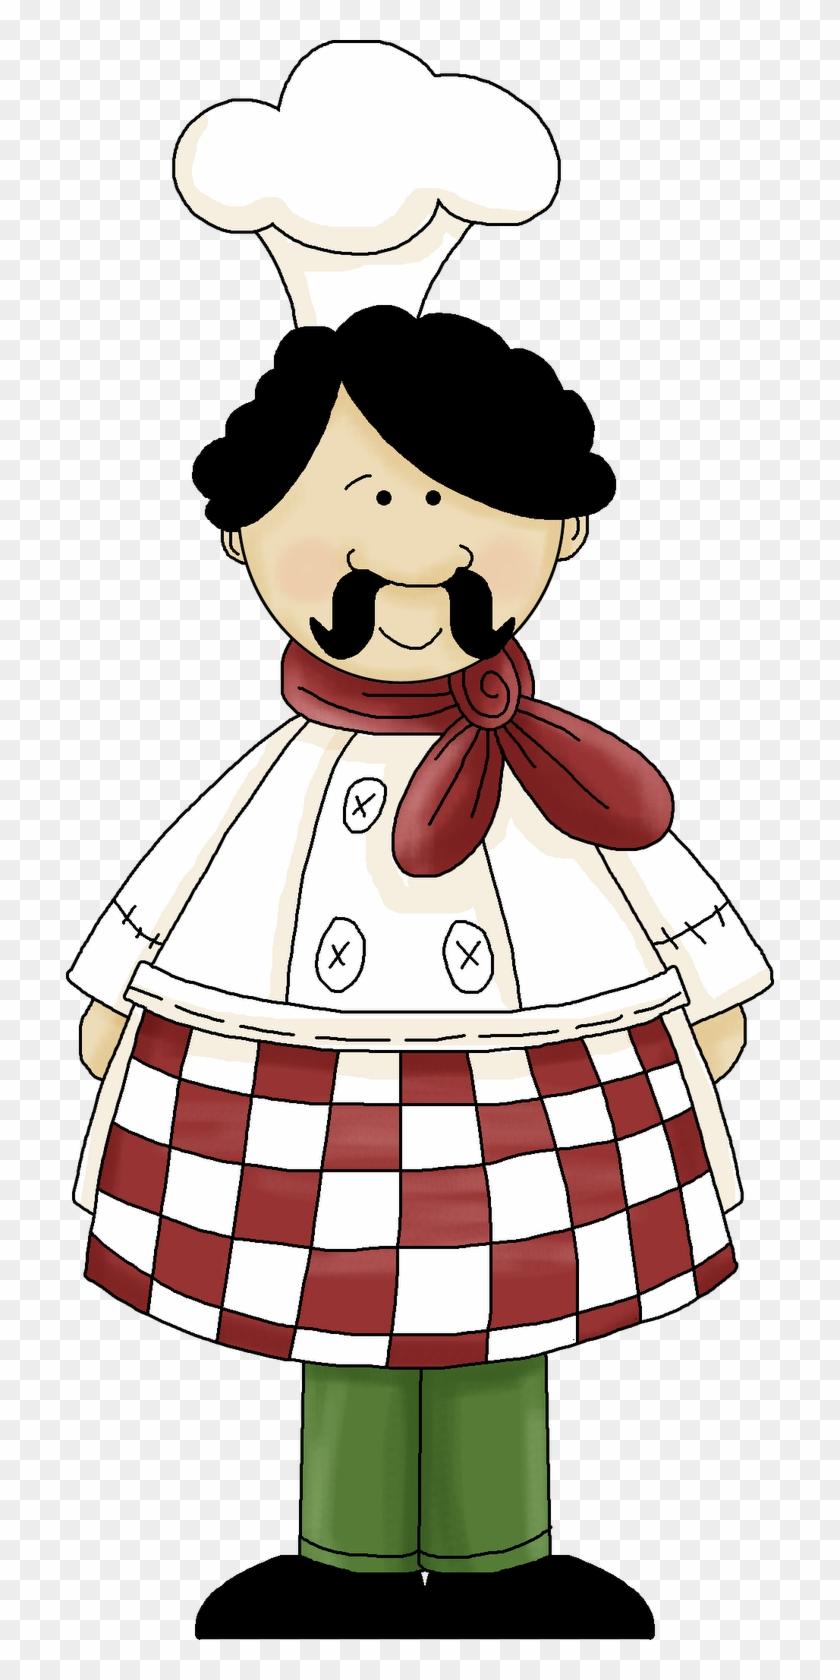 Wine Clipart Italian Bistro - Italian Chef Clipart Free #96721